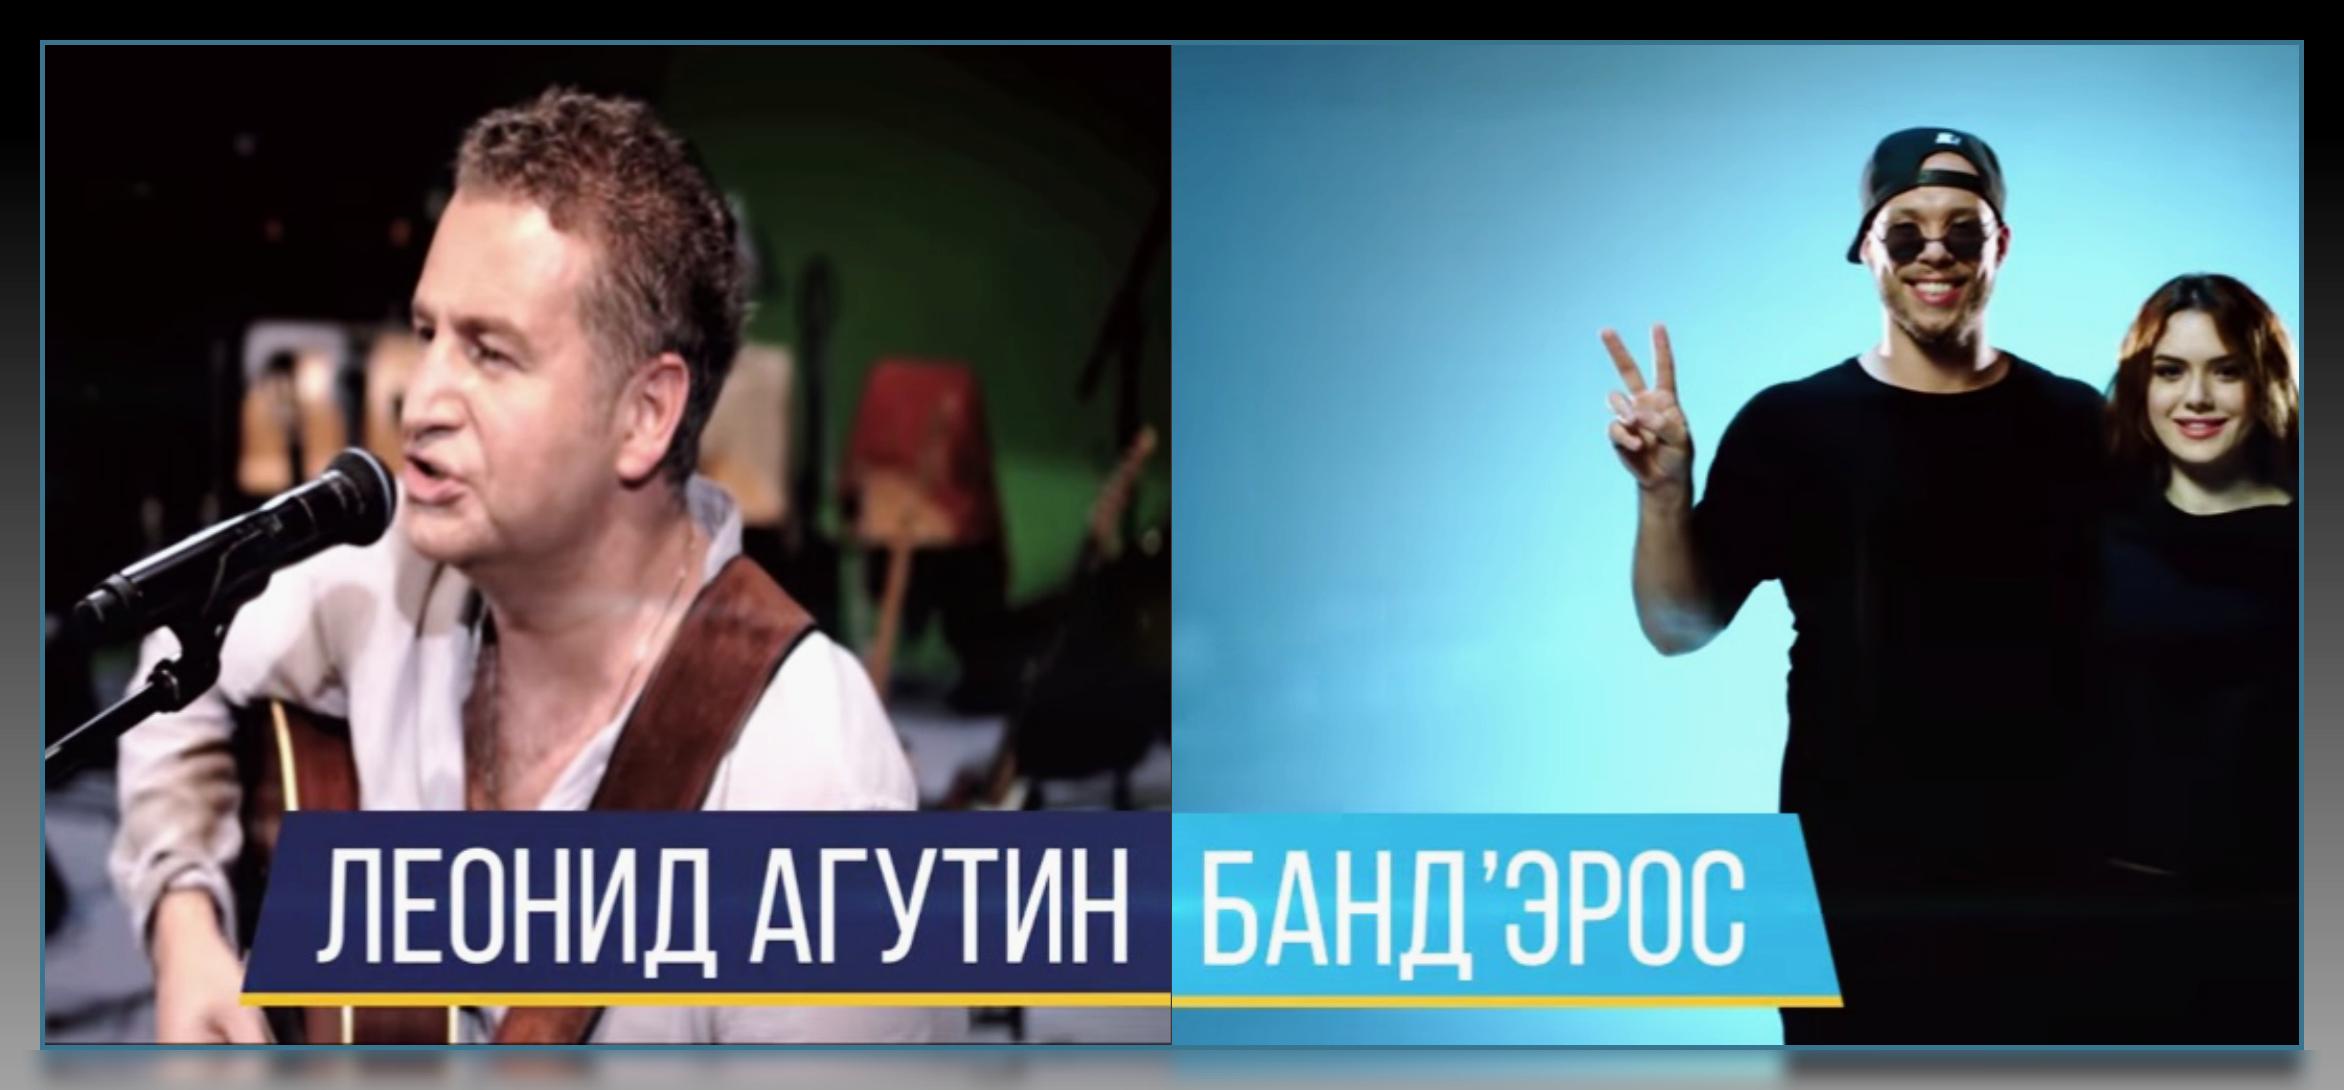 Под «Звуки моря» в Израиле выступит Леонид Агутин и группа БандЭрос